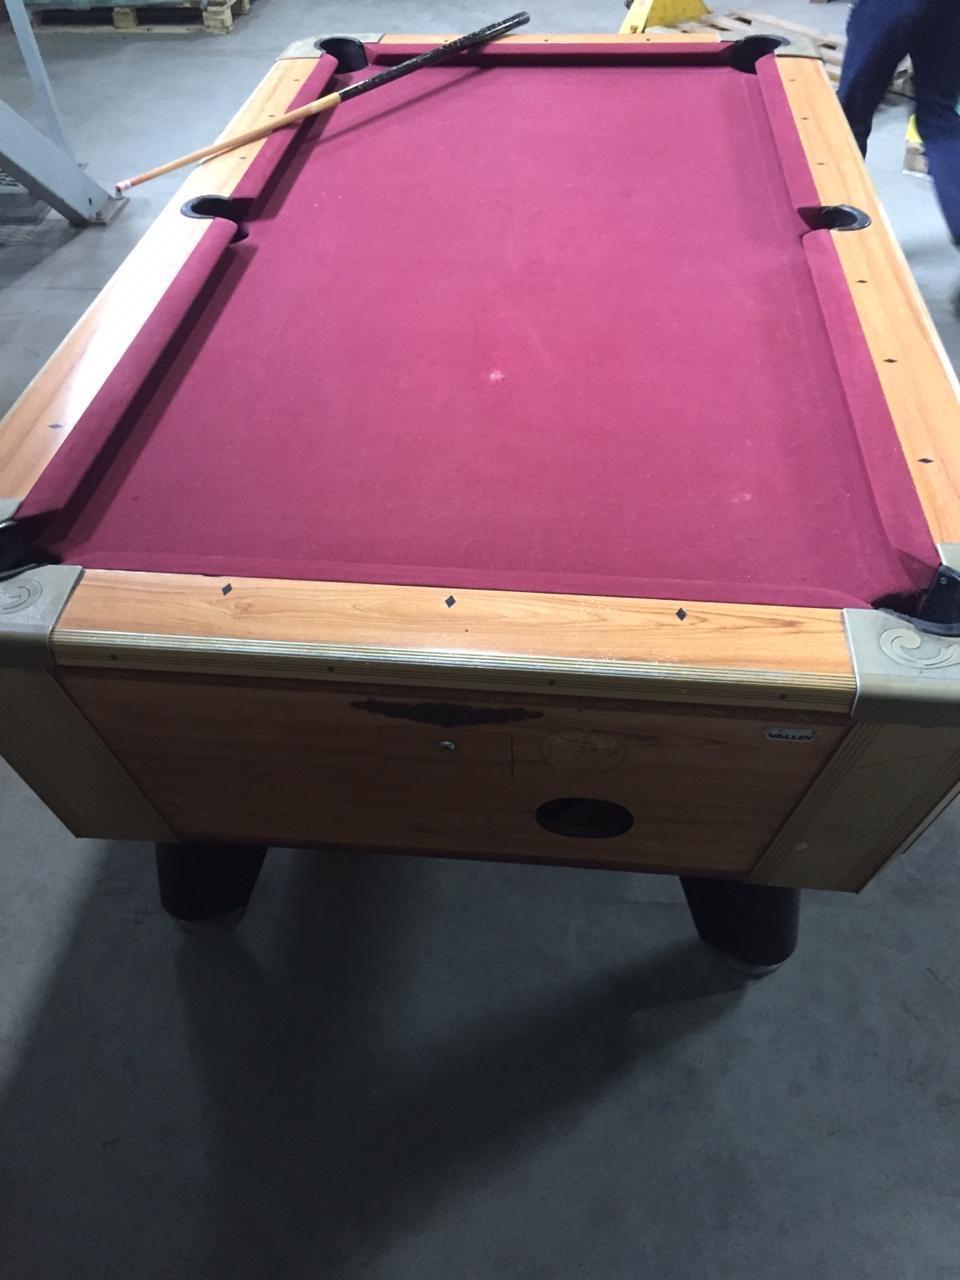 Бильярдный стол Valley жетонный 7 футов пул - б/у в Москве 89167852972 купить 3